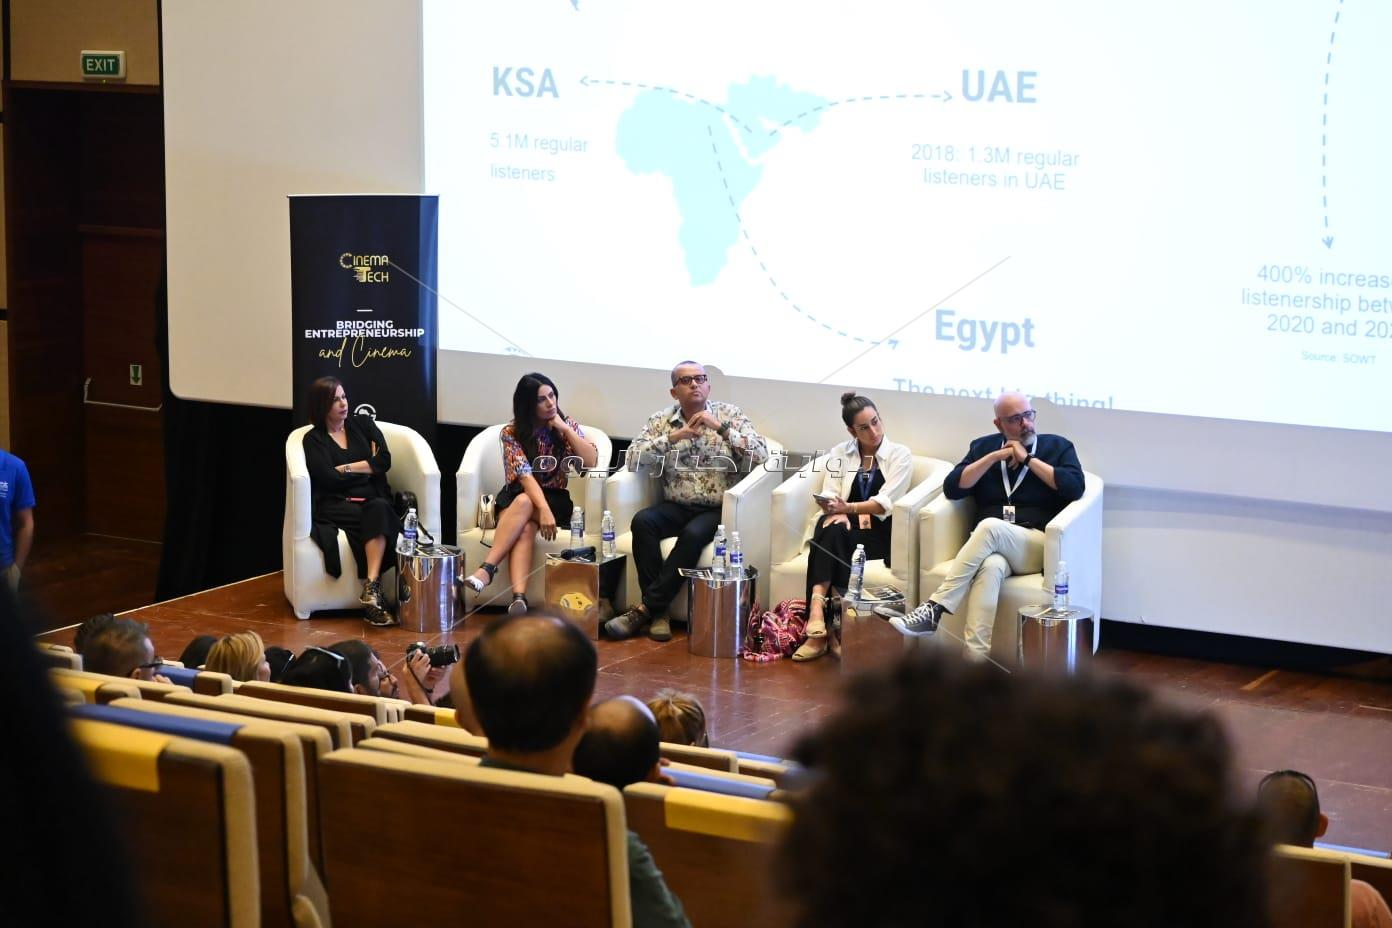 الحلول التكنولوجية و دورها الفعال في تسهيل صناعة السينما